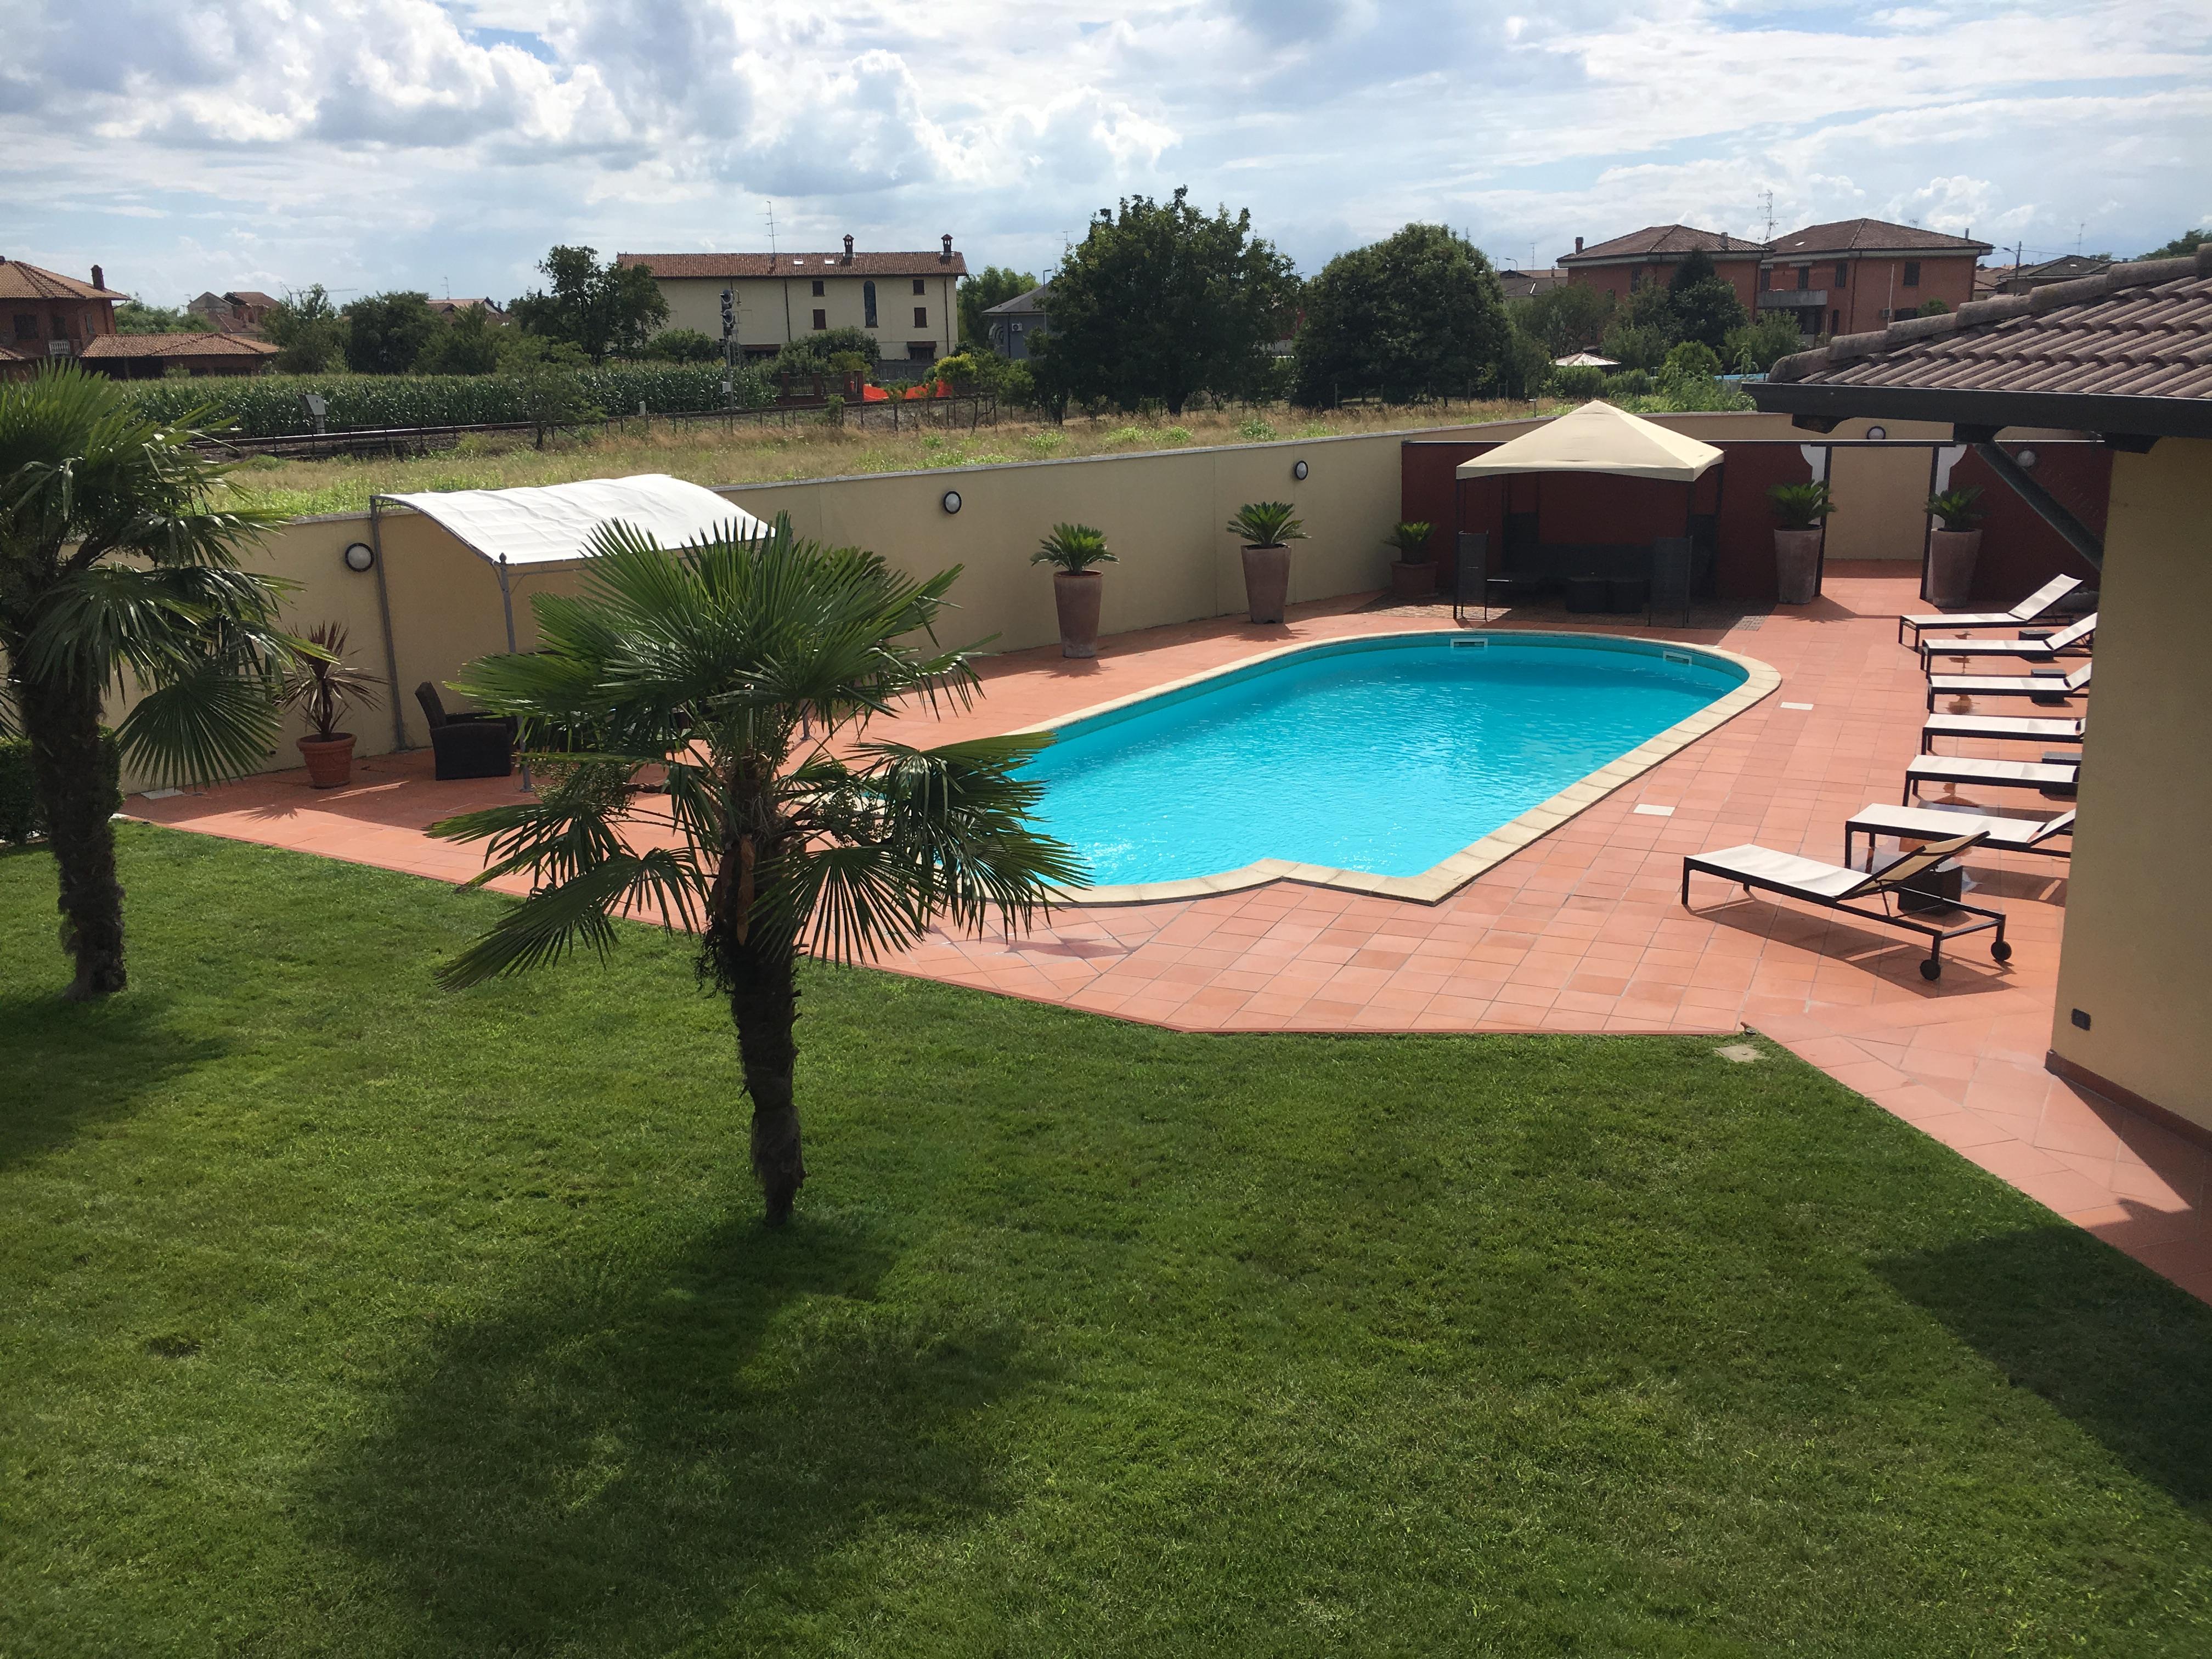 Ferienhaus Villa Cometa - Lebende Mode - (2599033), Casaleggio Novara, Novara, Piemont, Italien, Bild 3